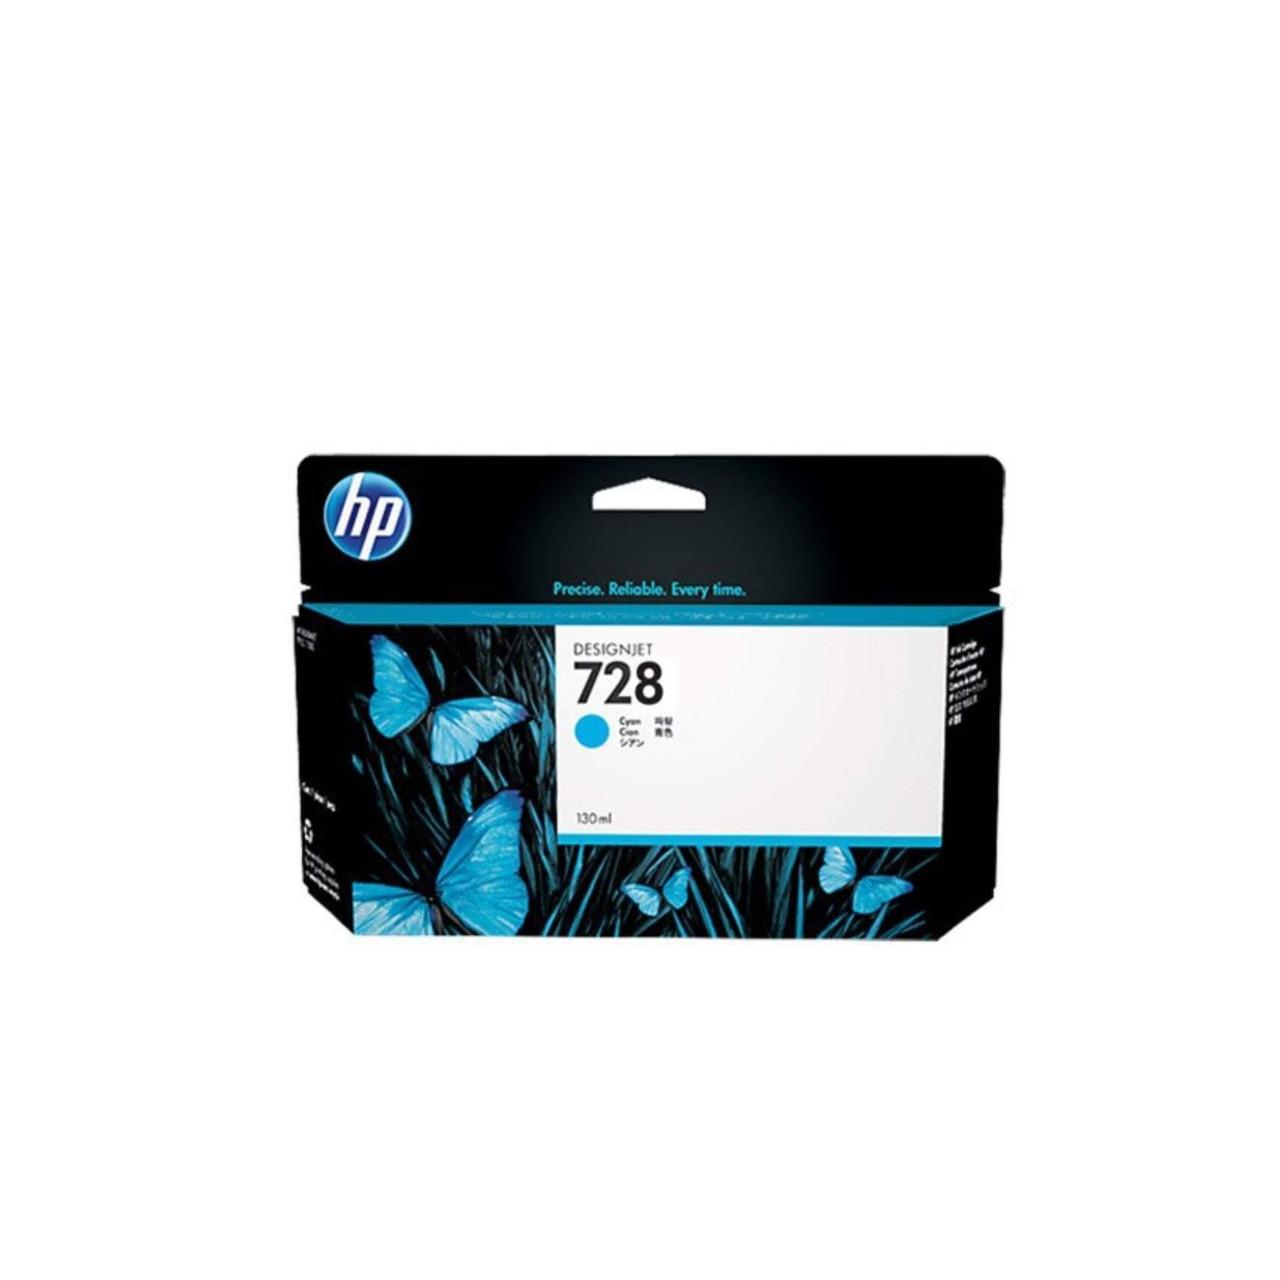 Струйный картридж HP 728 (Оригинальный, Голубой - Cyan) F9J67A